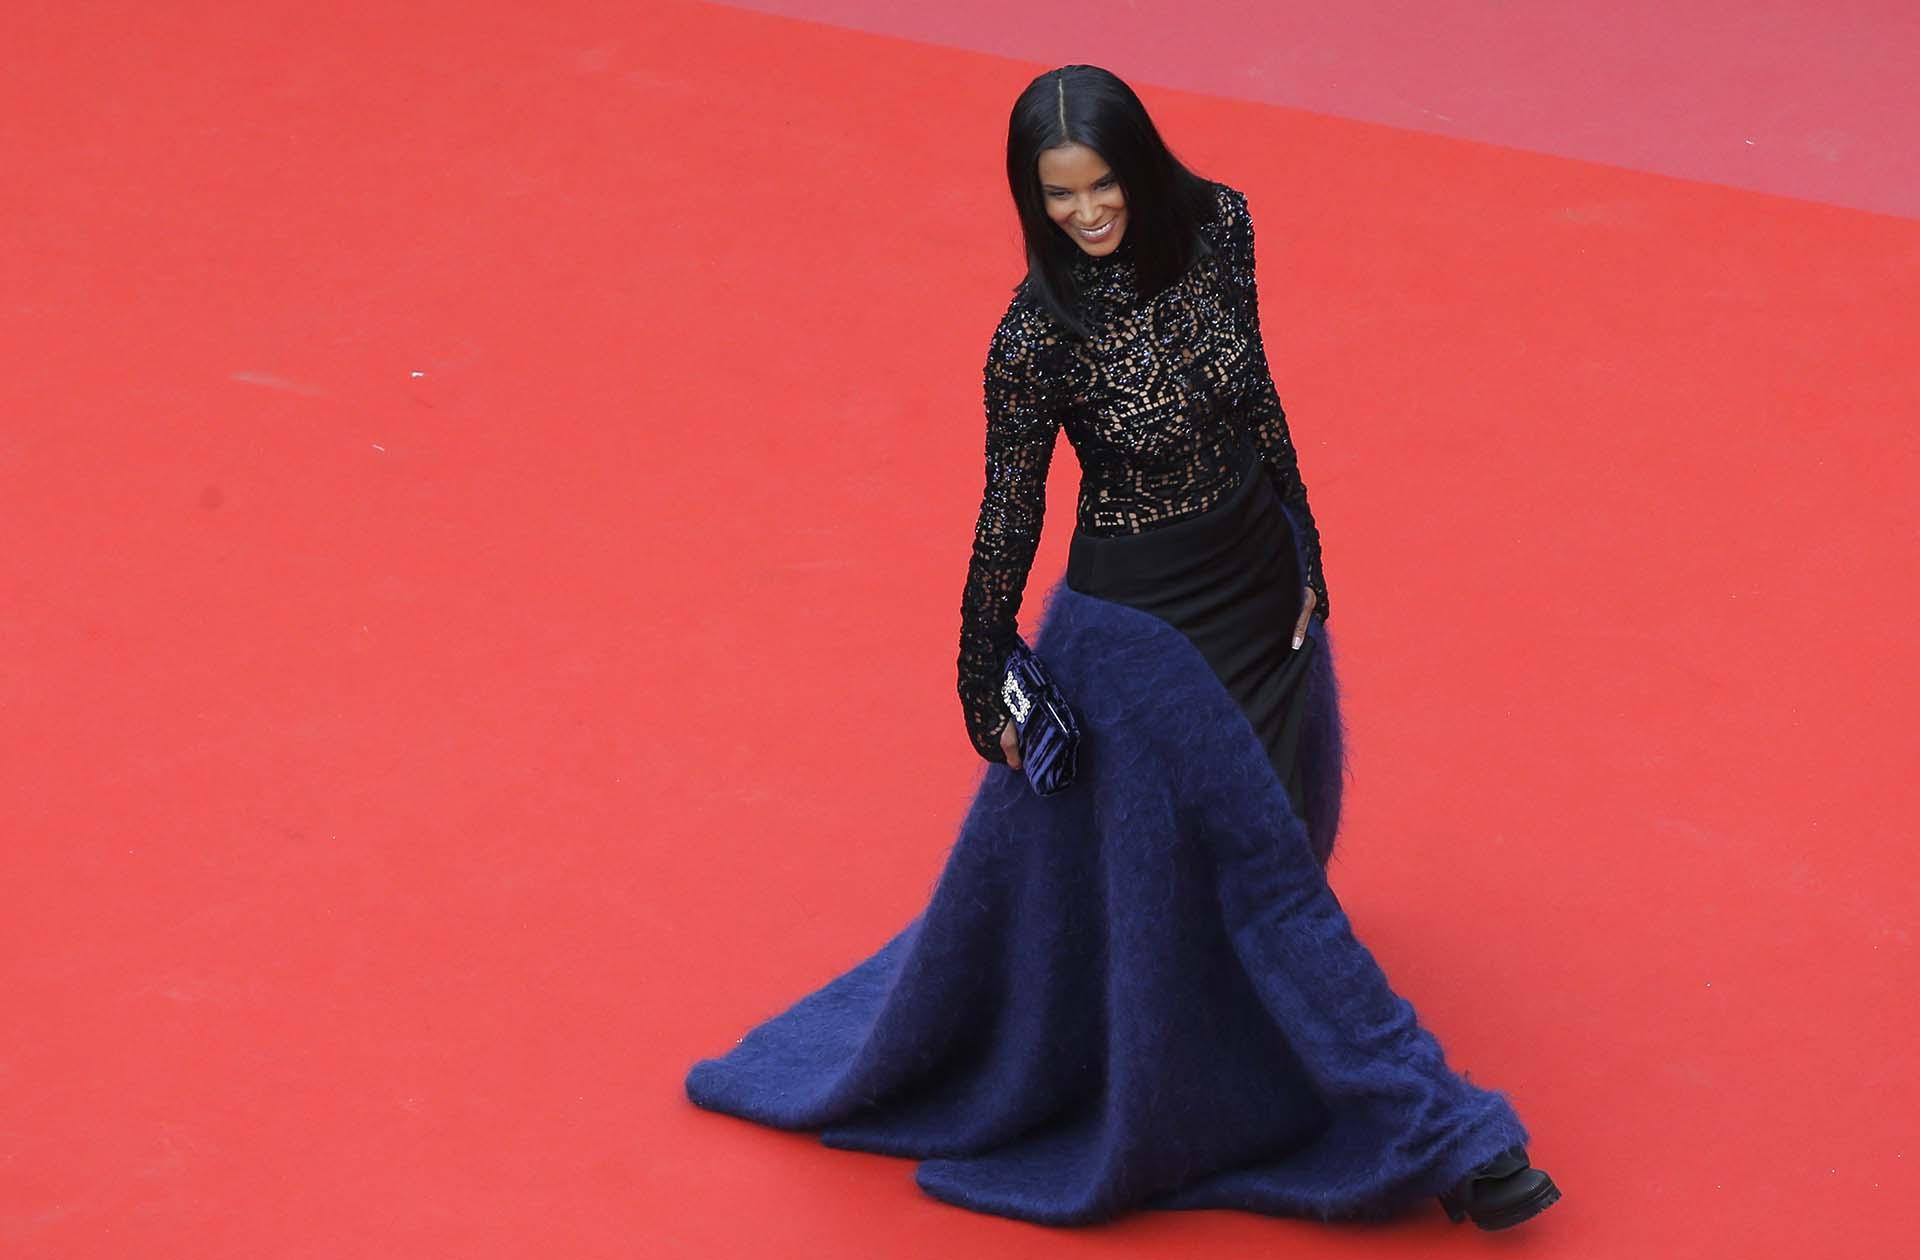 La cantante Shy'men la red carpet de la 71ª edición del Festival de Cannes